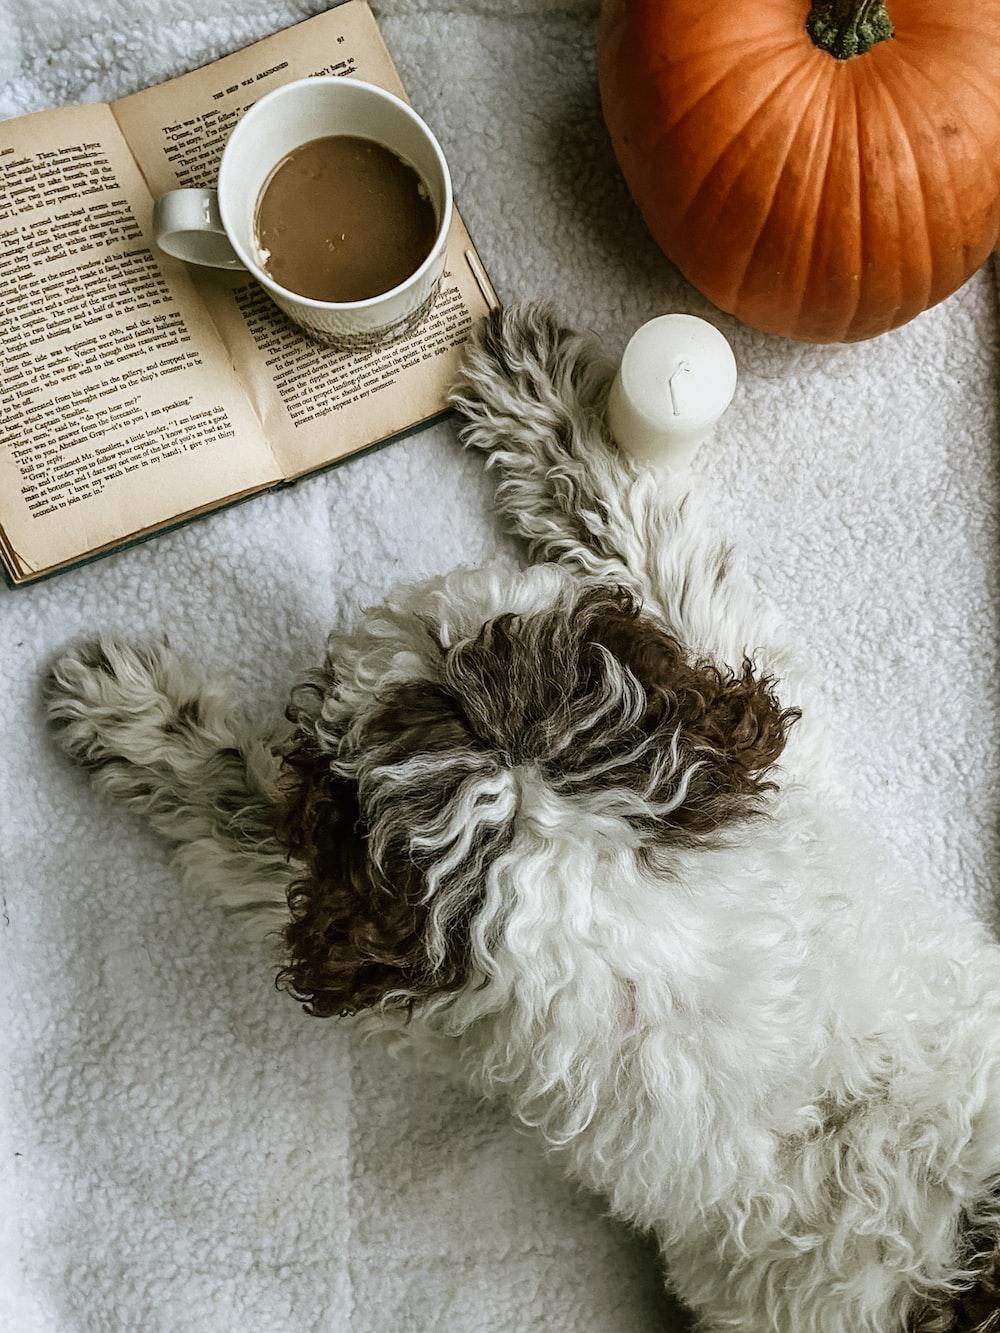 white and black long coated dog lying on white textile